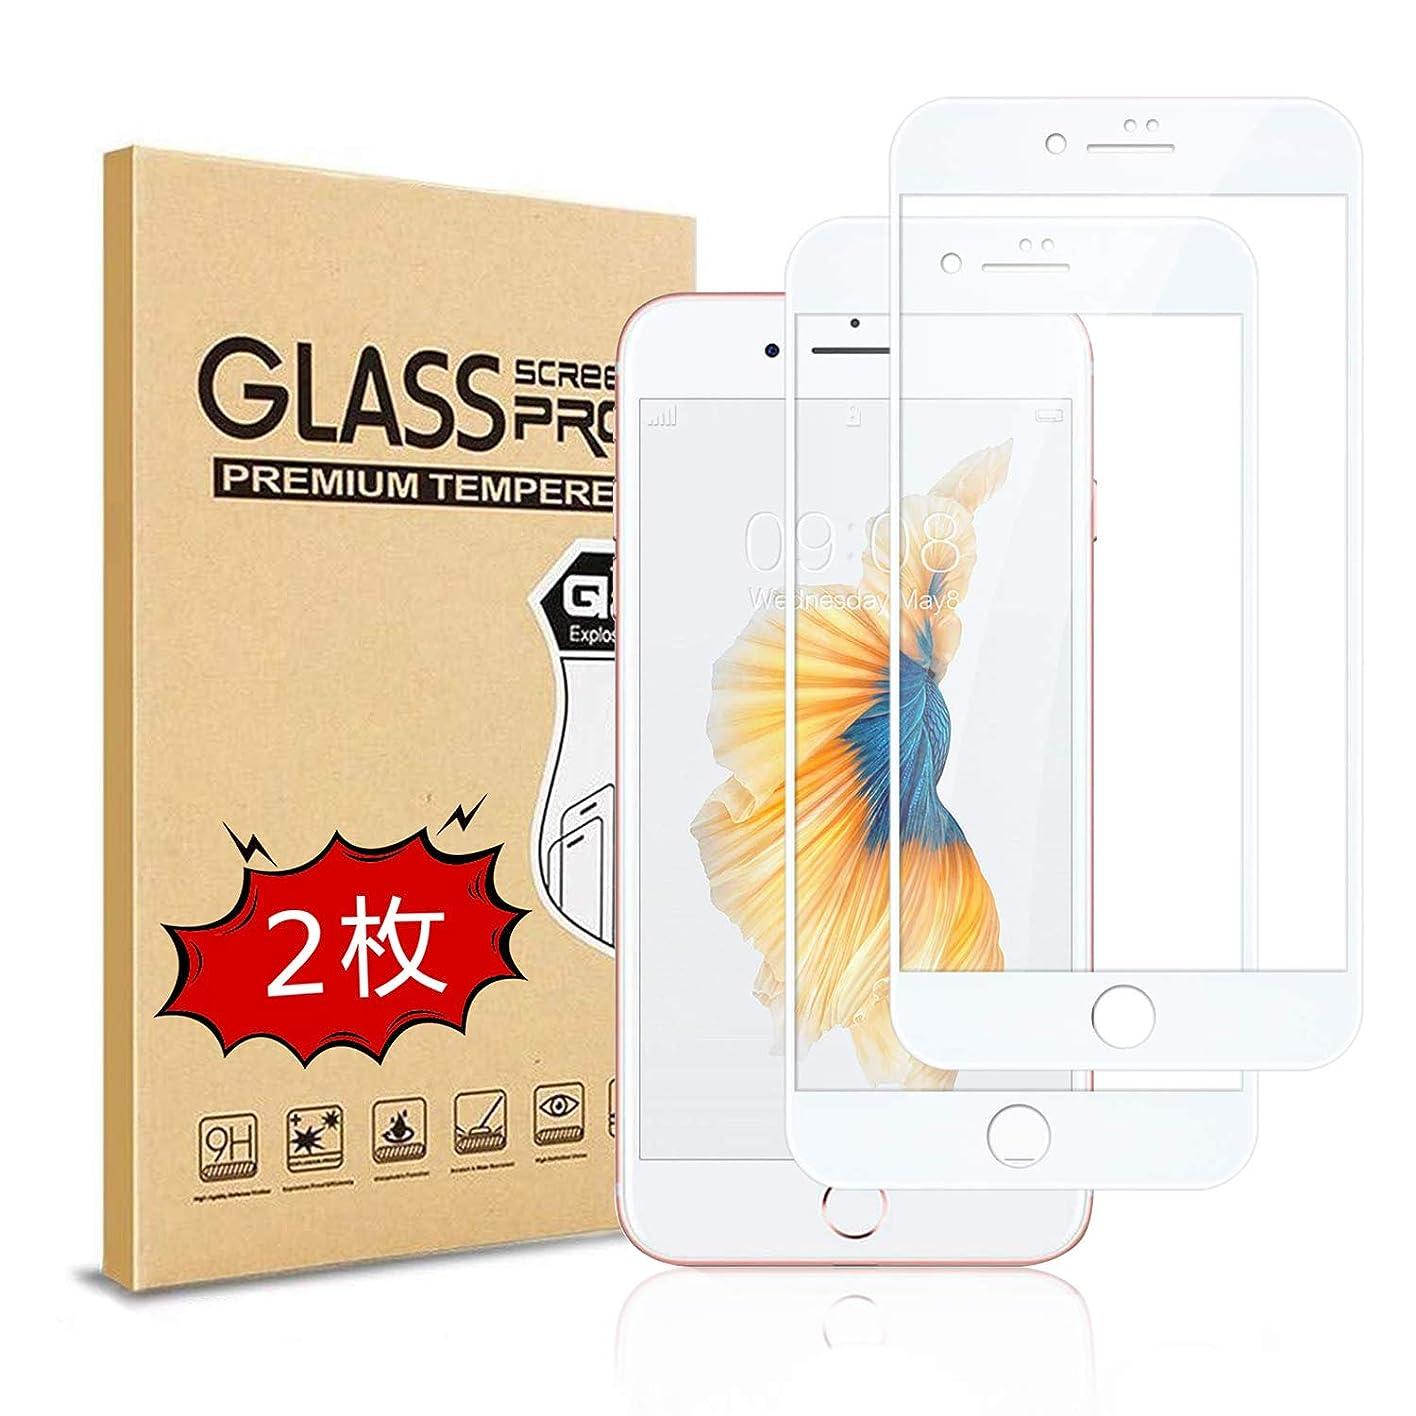 落胆させるリズム既に【2枚セット】iPhone 8 plusガラスフイルム iPhone 7plus 強化ガラス【日本製素材旭硝子製】 9Dラウンドエッジ加工/業界最高硬度9H/高透過率/3D Touch対応/自動吸着/気泡ゼロ アイフォン8plus ガラスフィルム アイフォン7plus 全面保護 iPhone 8強化ガラス液晶保護フイルム 全面フイルムカバー 5.5インチ対応【白】